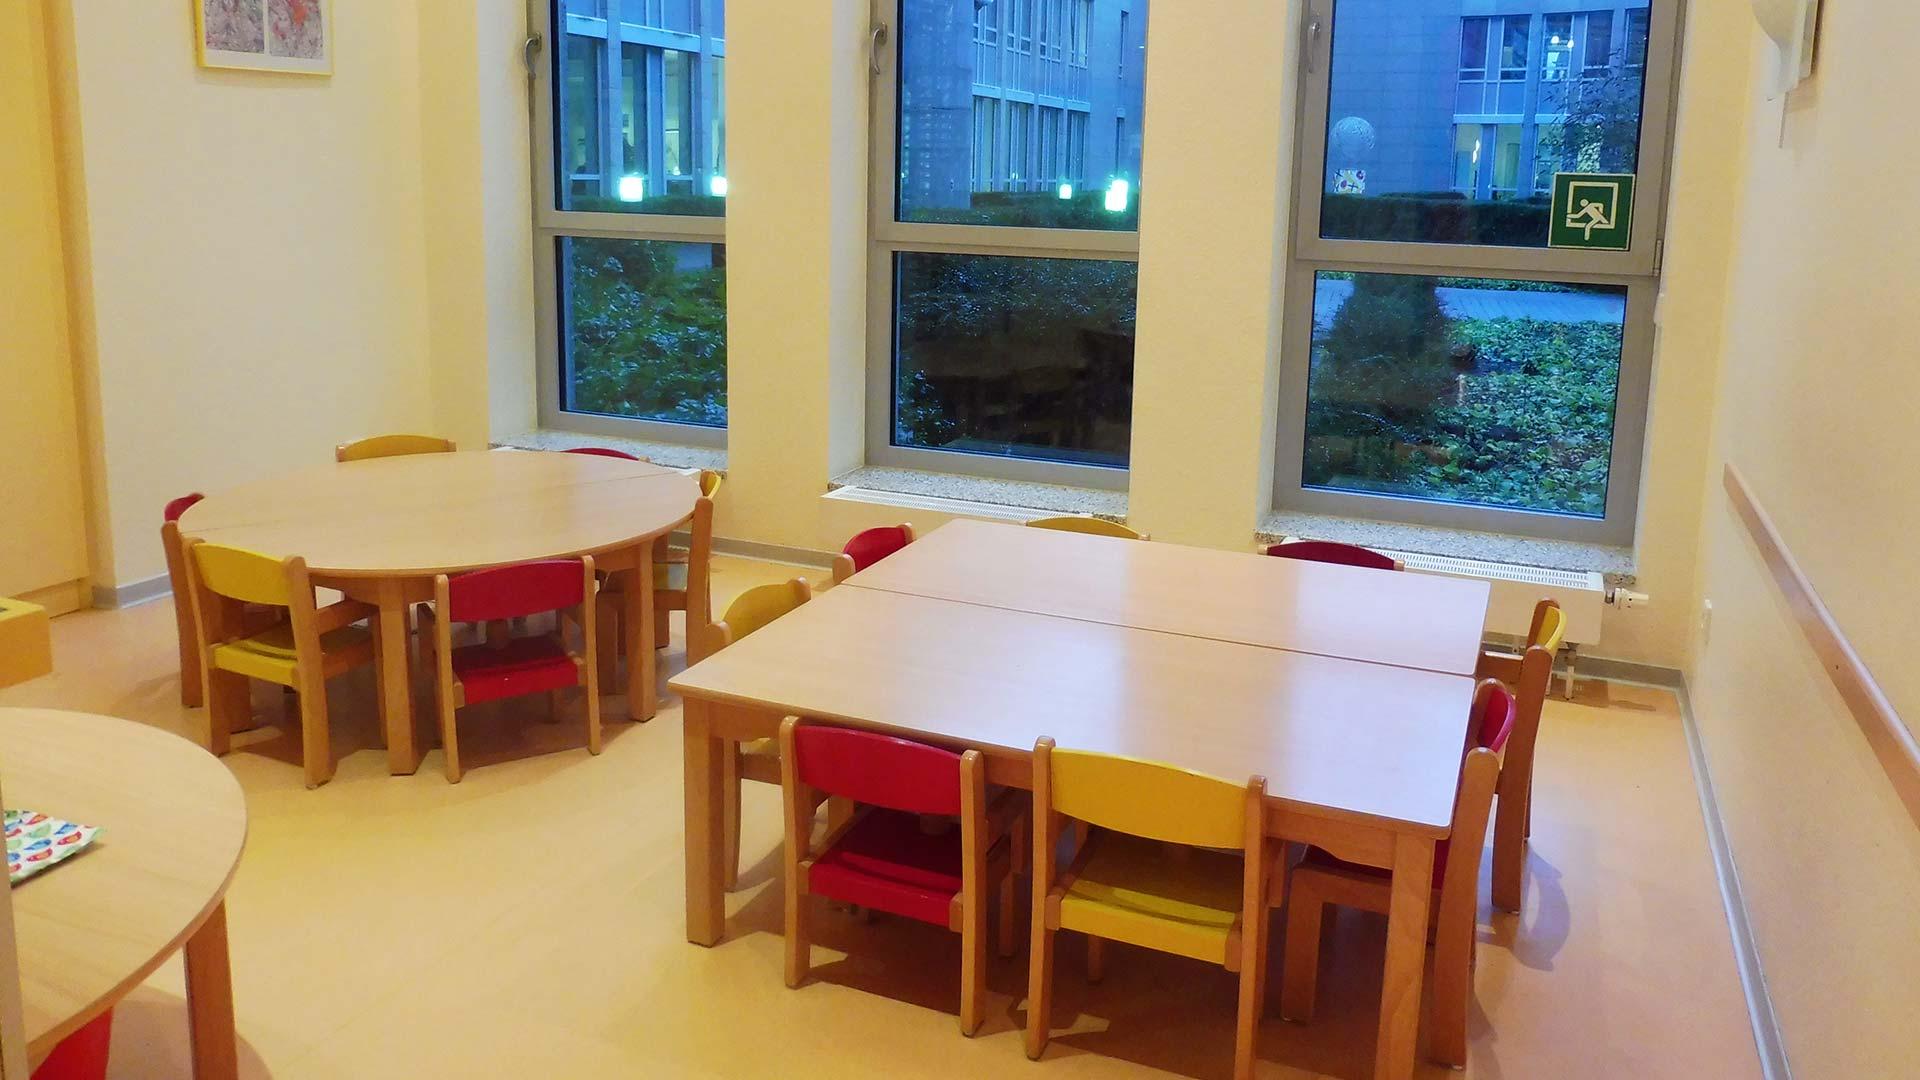 Esszimmer mit kleinen Tischen und Stühlen an dem die Kinder Platz zum essen finden